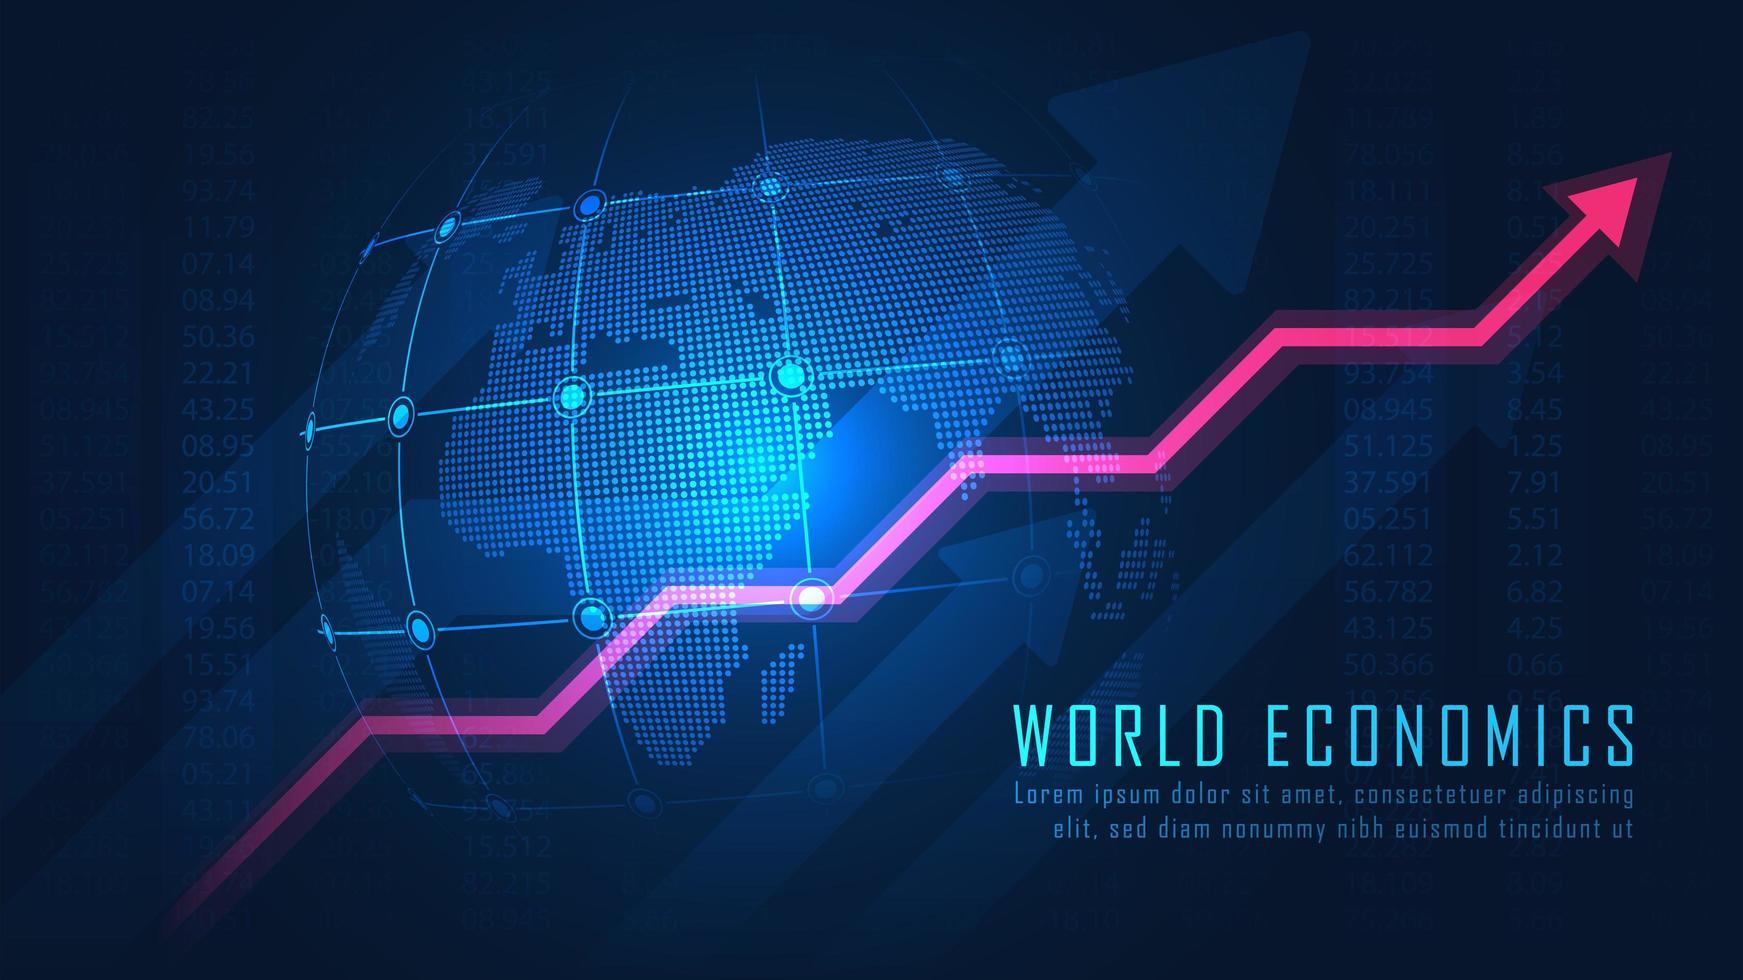 diseño del mercado de valores global con flecha hacia arriba vector